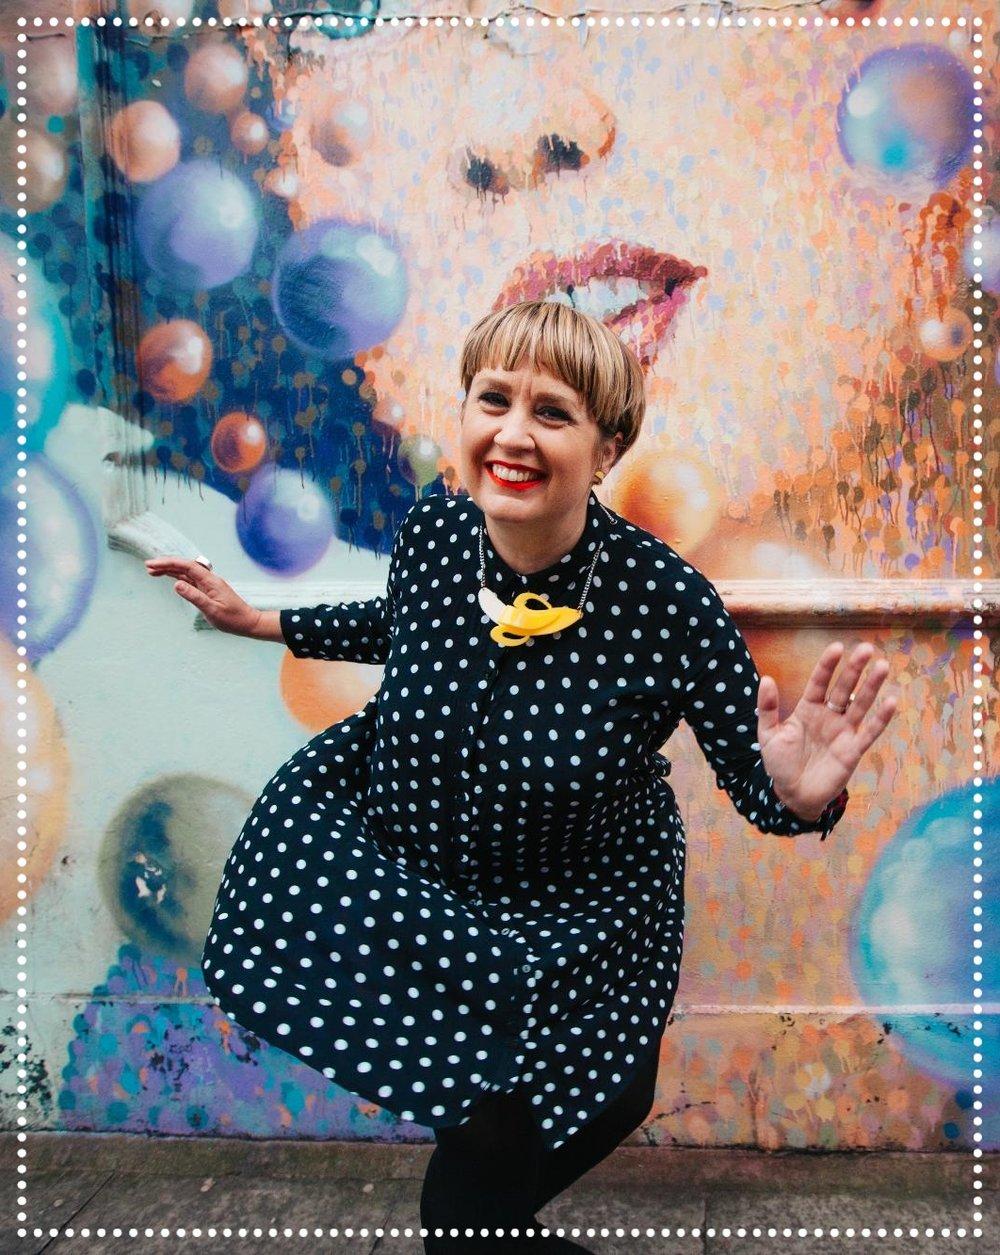 Kate-Taylor-1-of-1-67-www.imagesplitter.net_.jpg